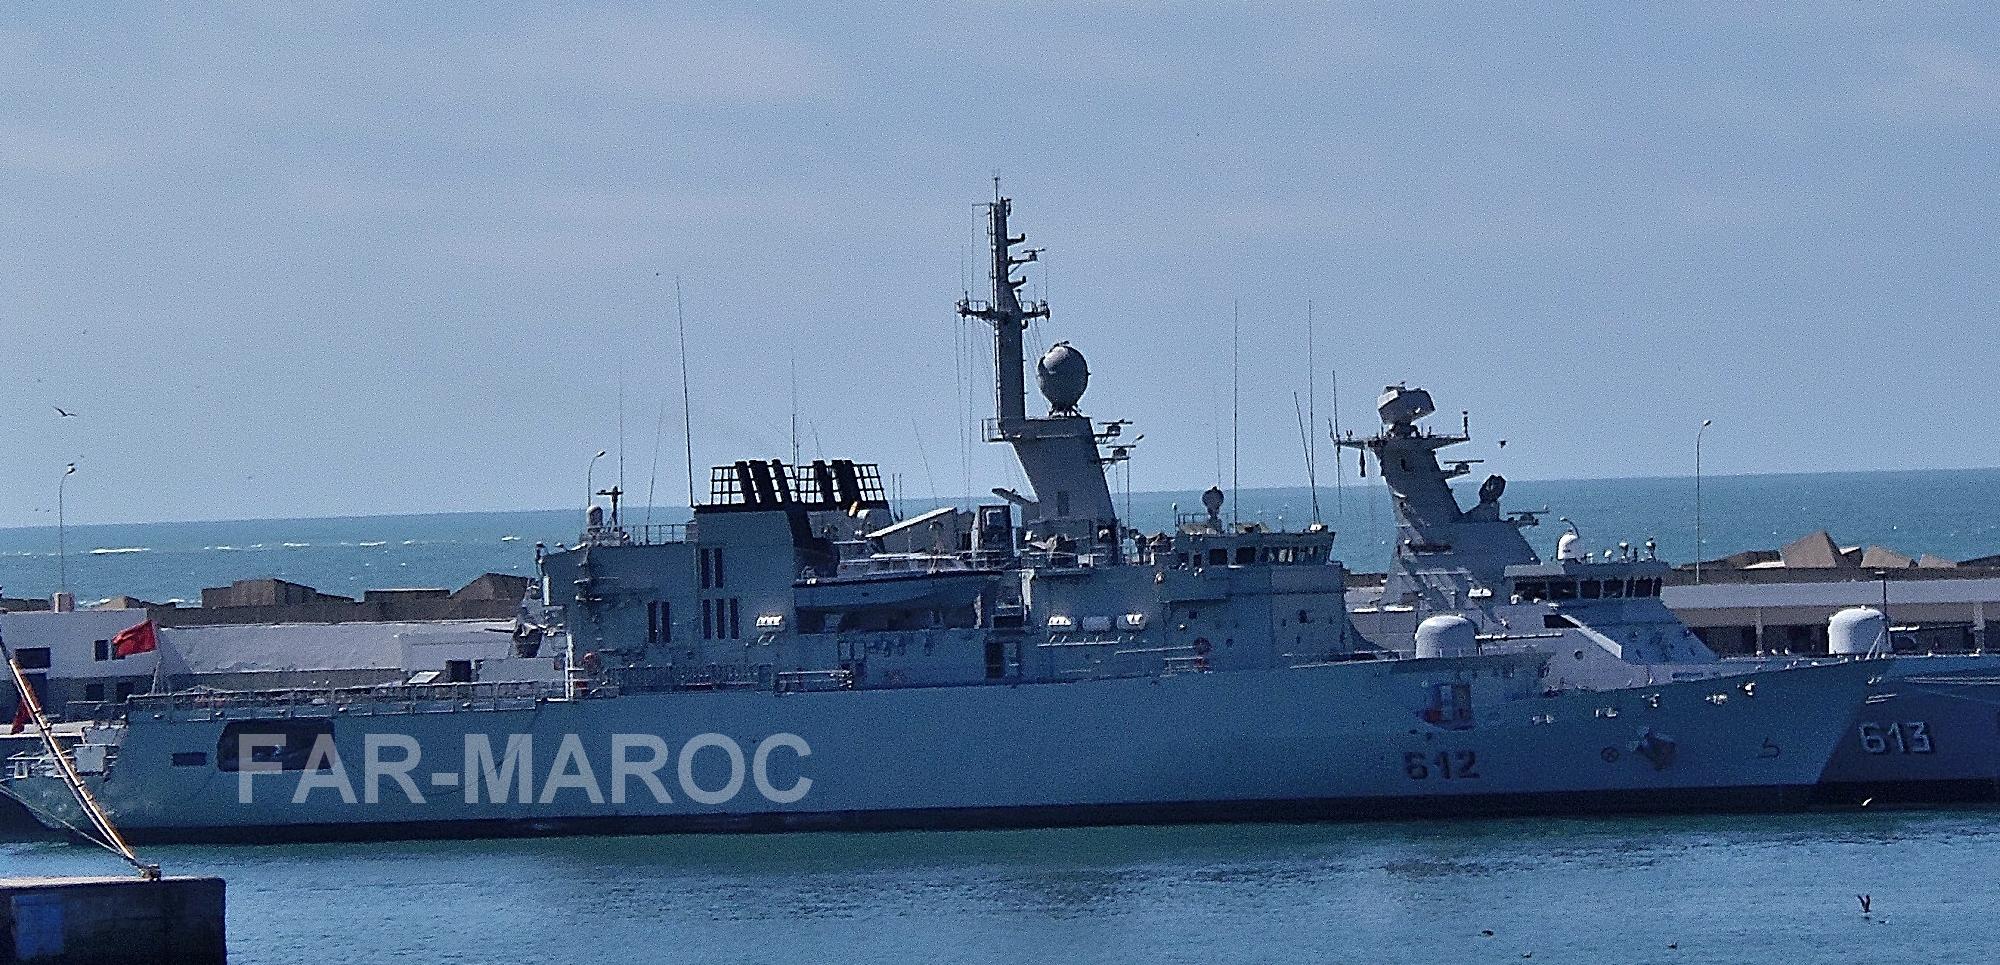 Royal Moroccan Navy Floréal Frigates / Frégates Floréal Marocaines - Page 14 47868369641_5b9791f49a_o